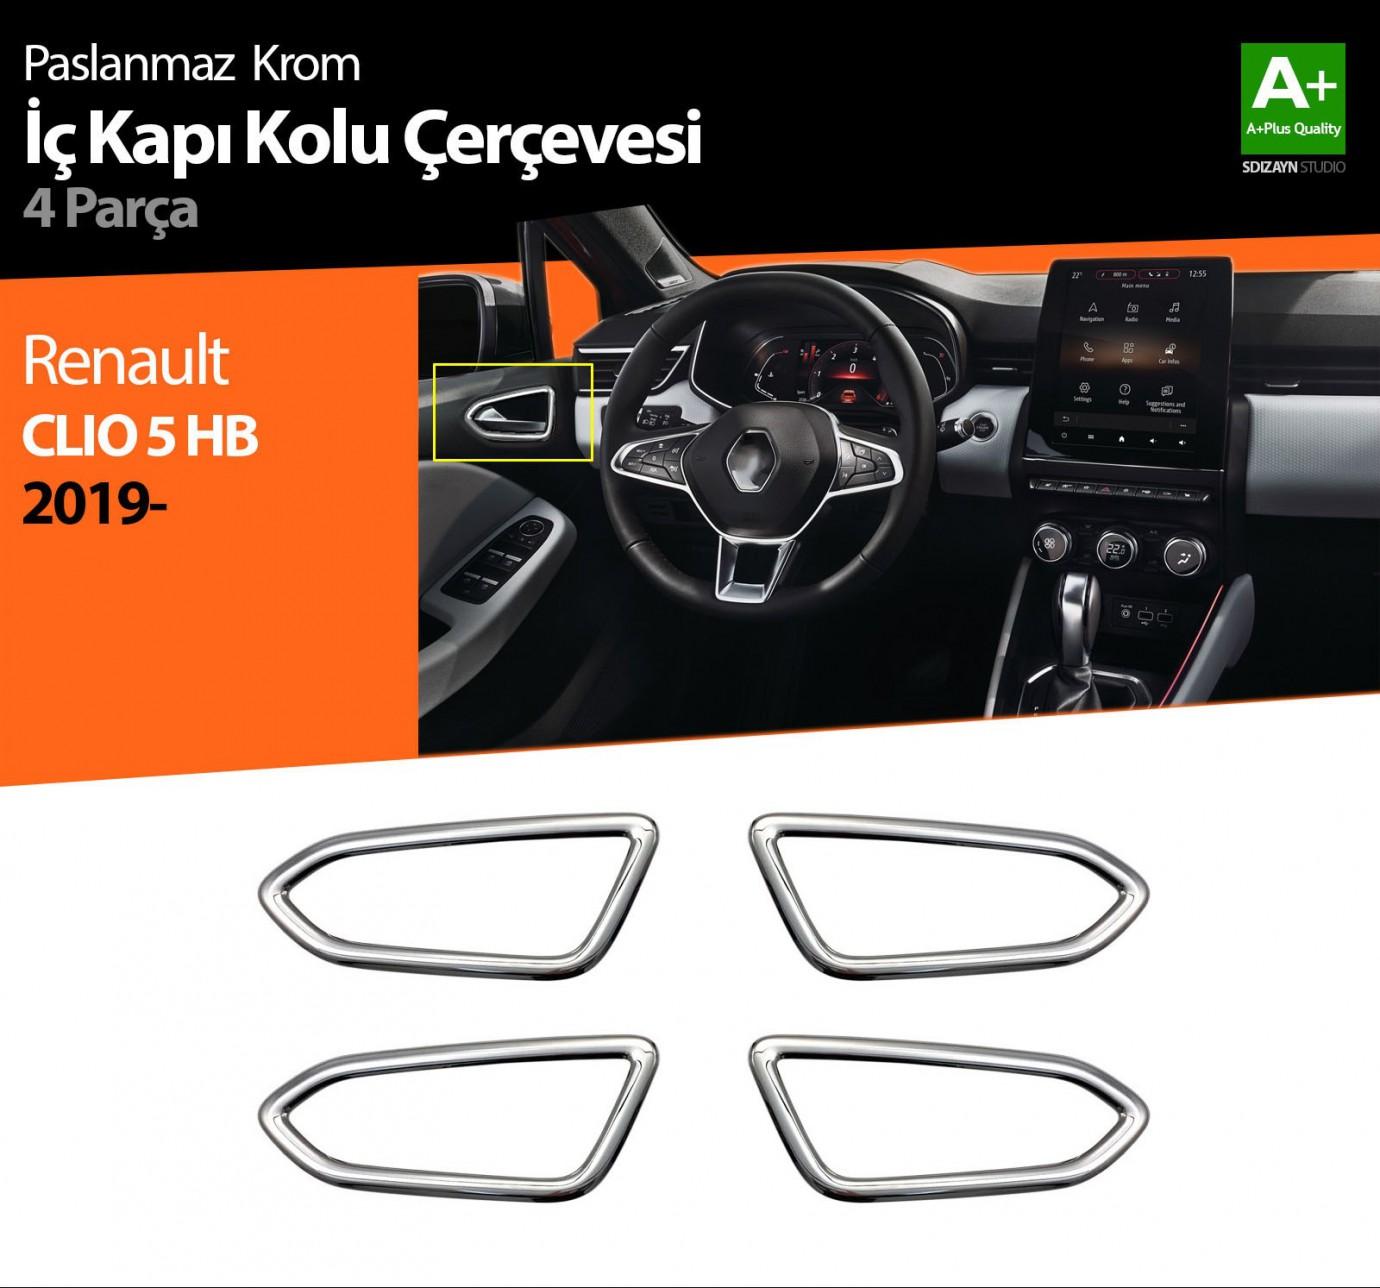 Renault Clio 5 Krom İç Kapı Kolu Çerçevesi 4 Prç. 2019 ve Üzeri